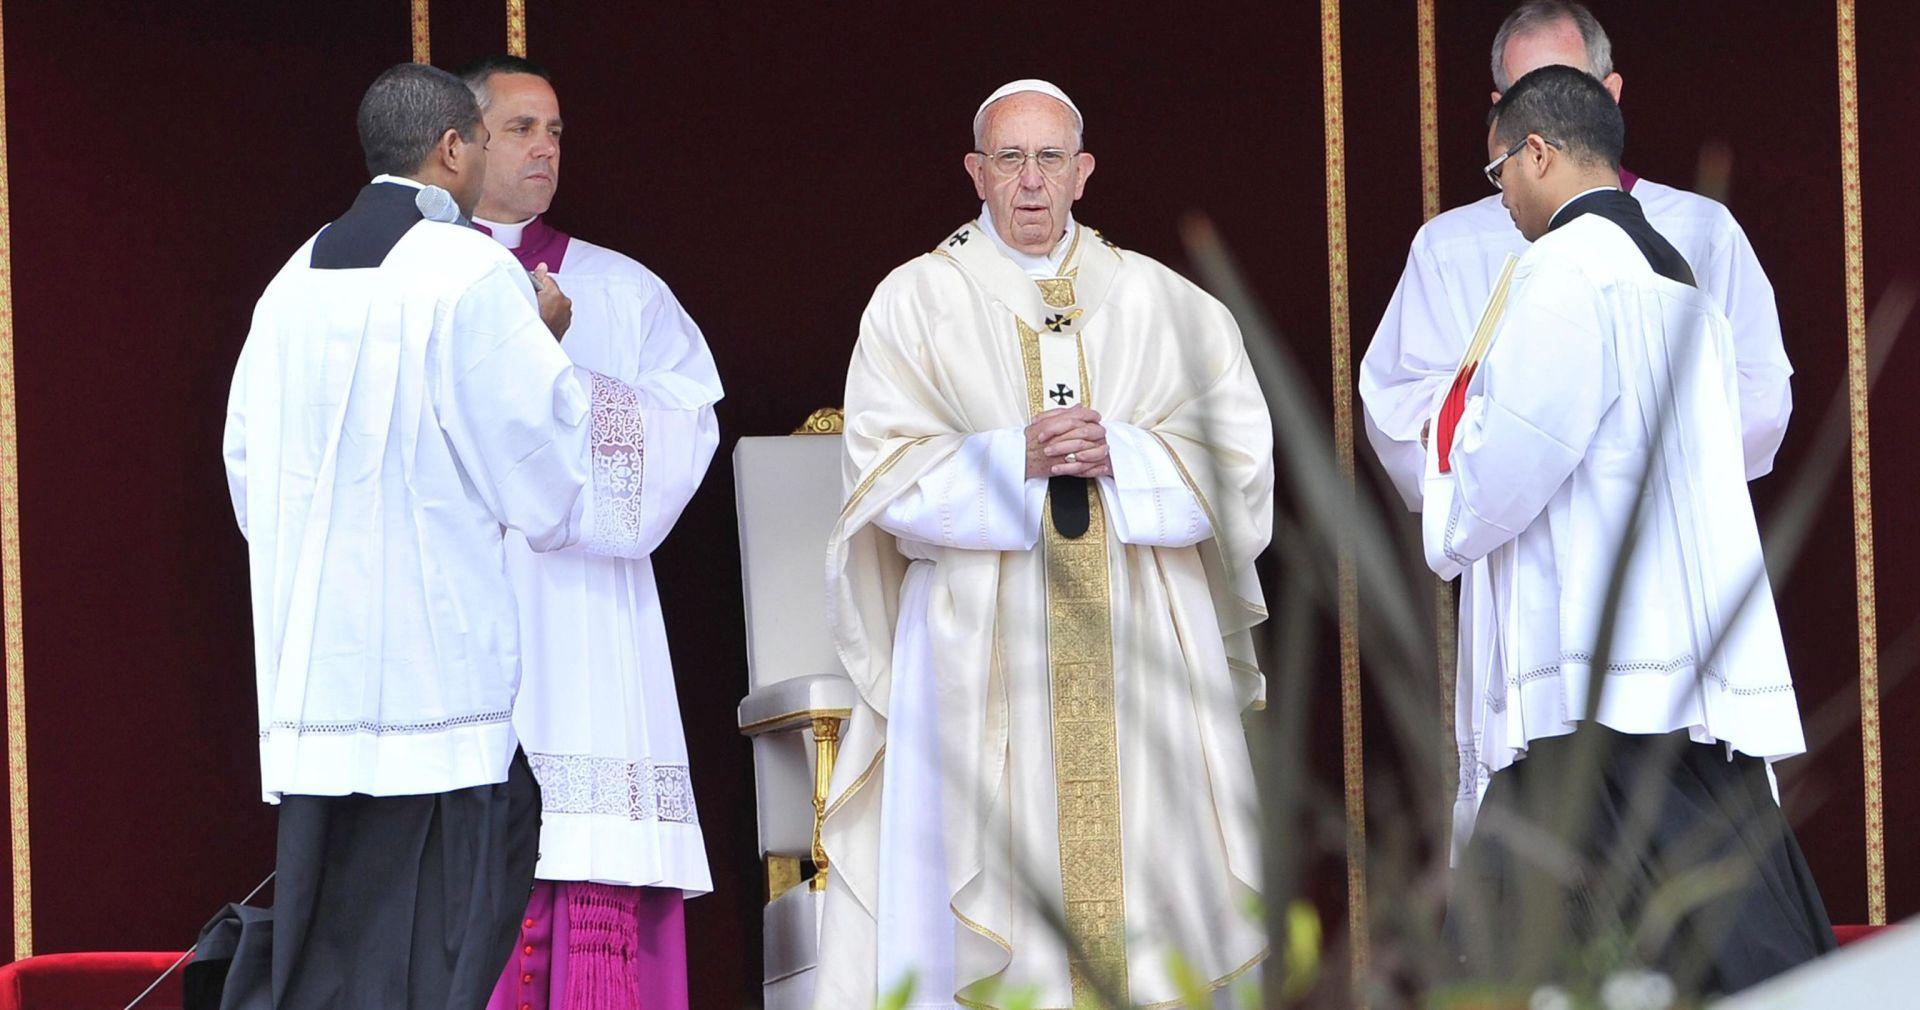 Papa kanonizirao dvoje utemeljitelja katoličkih redova